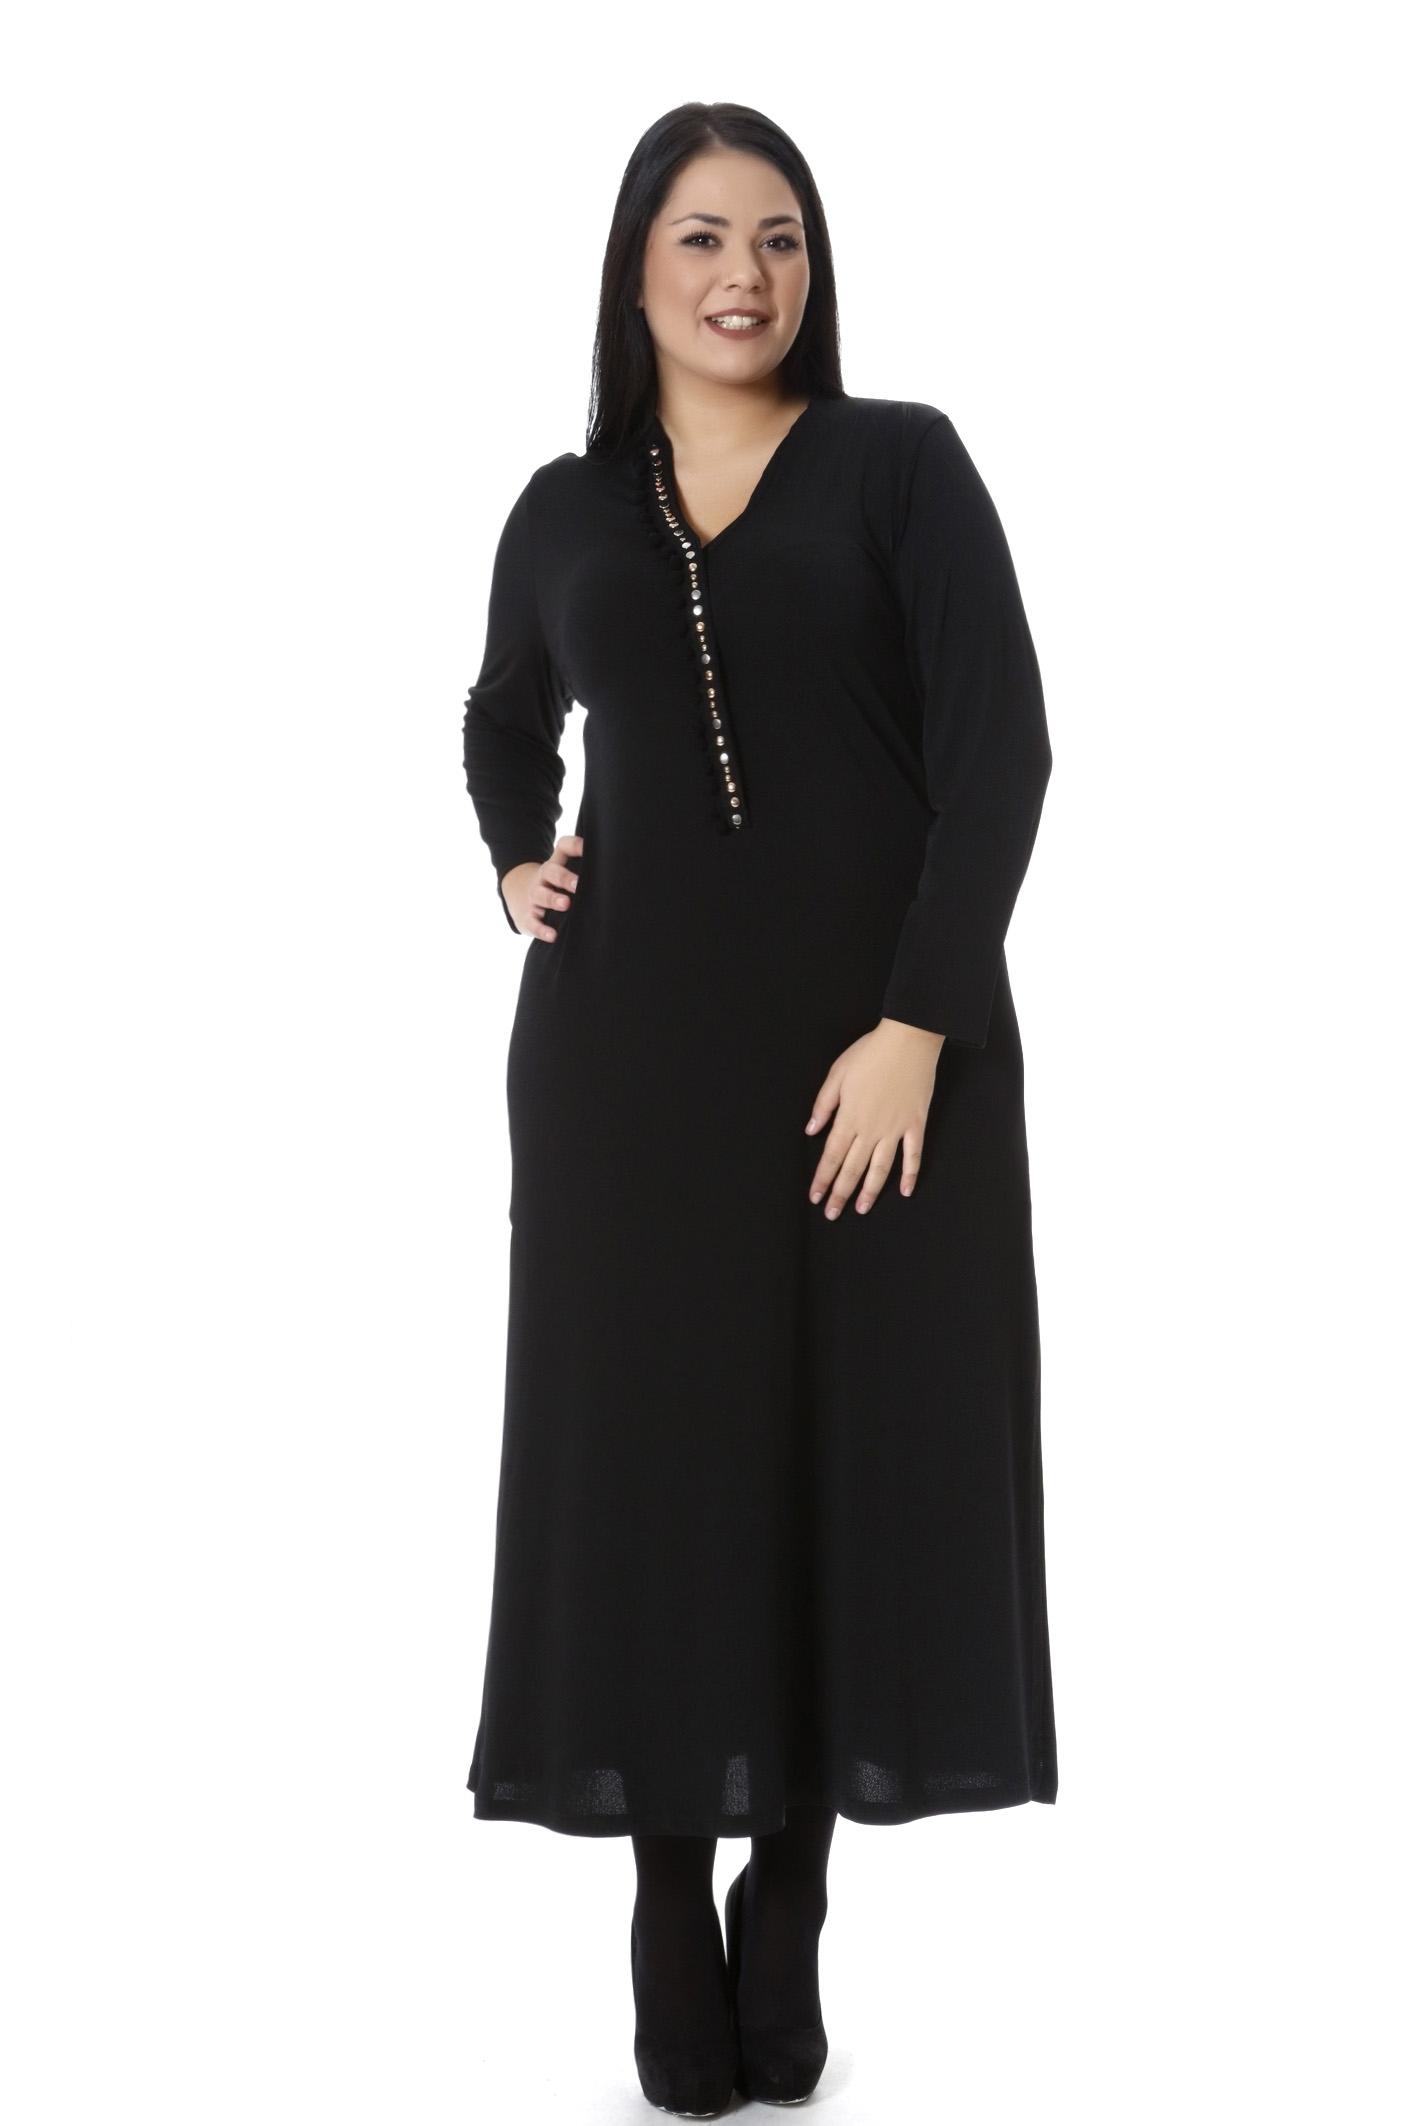 Φόρεμα μαύρο απλό νέες αφίξεις   ενδύματα   φορέματα   sunrose   brands